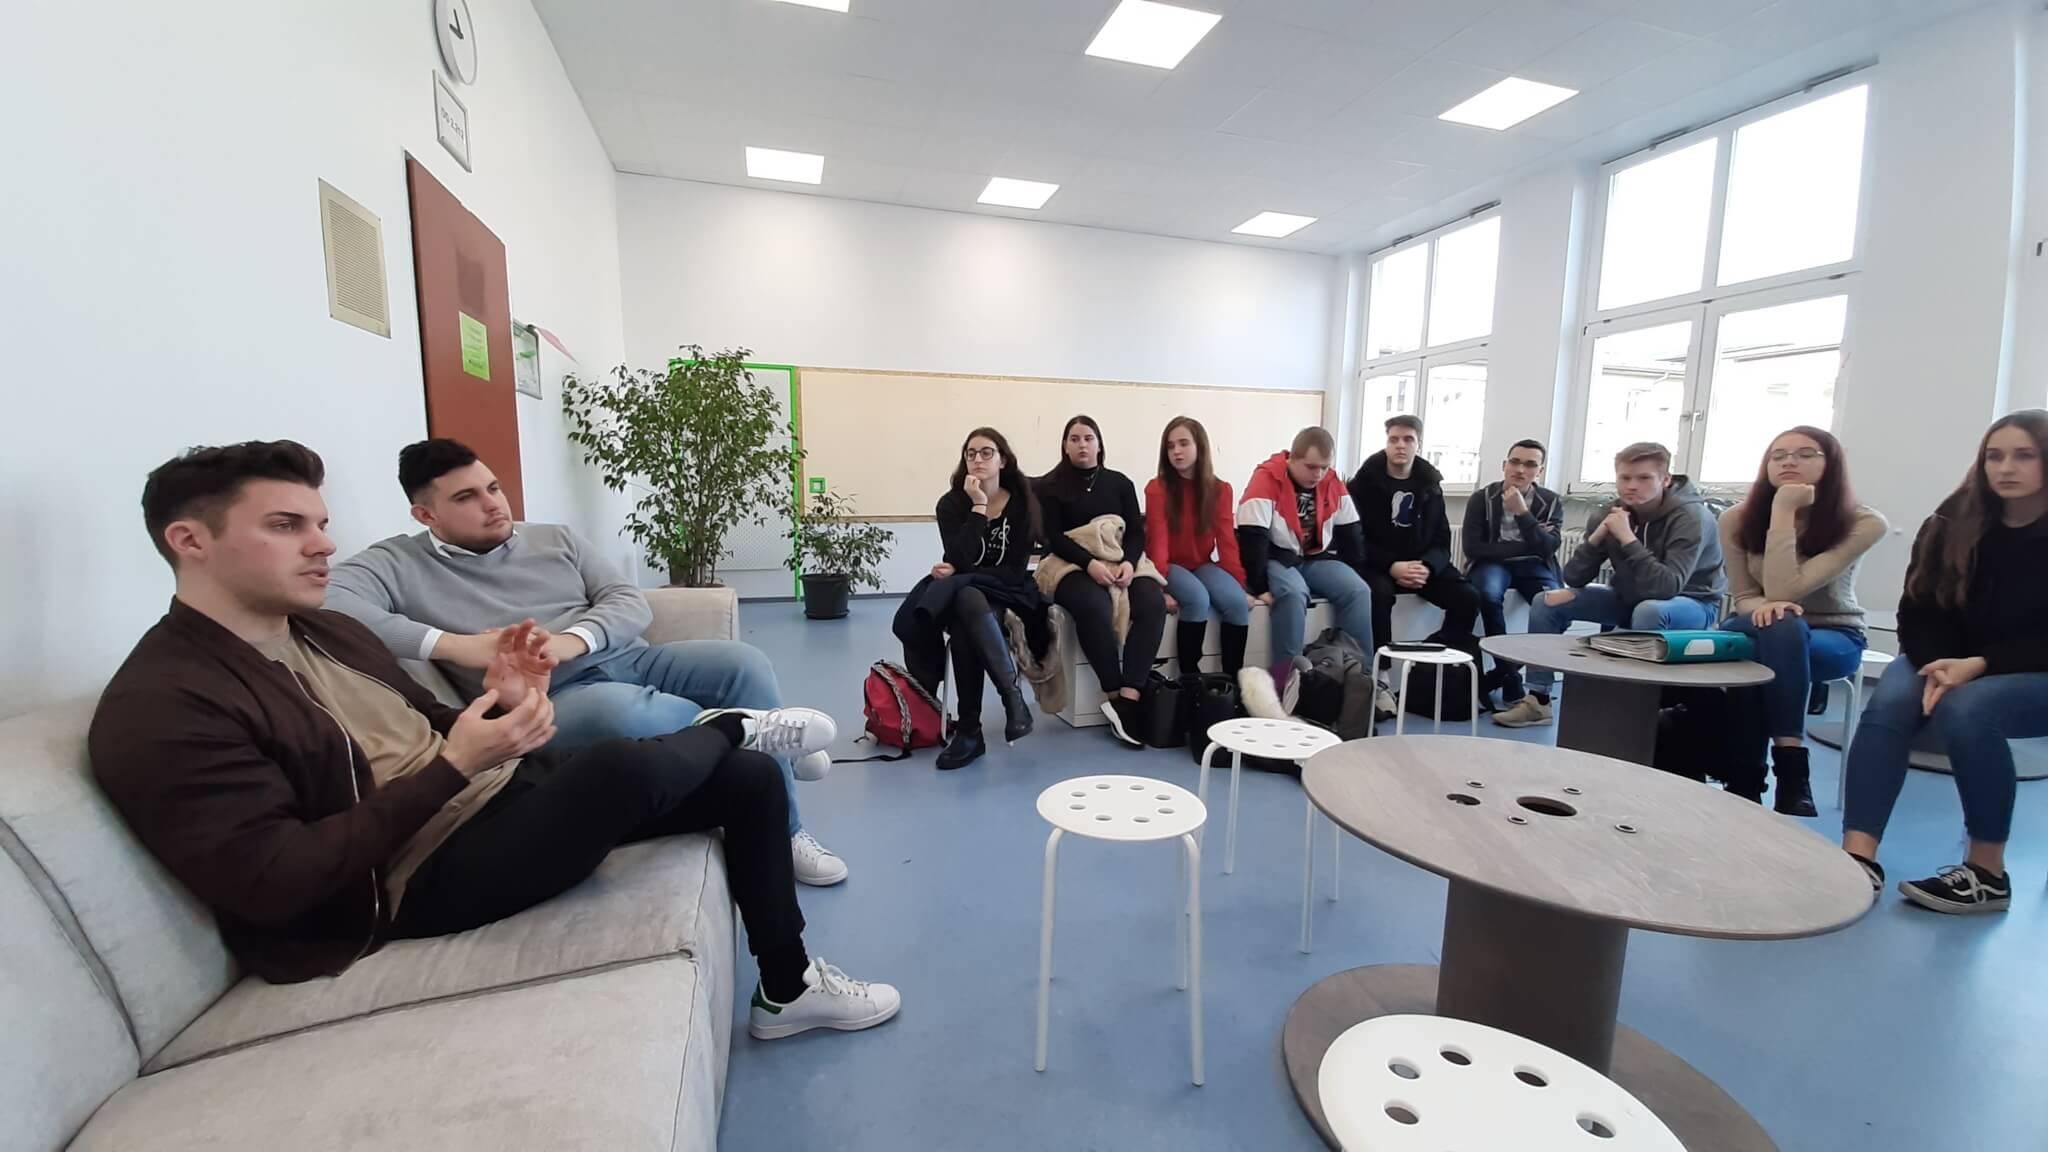 Gründergespräch im Creative Space